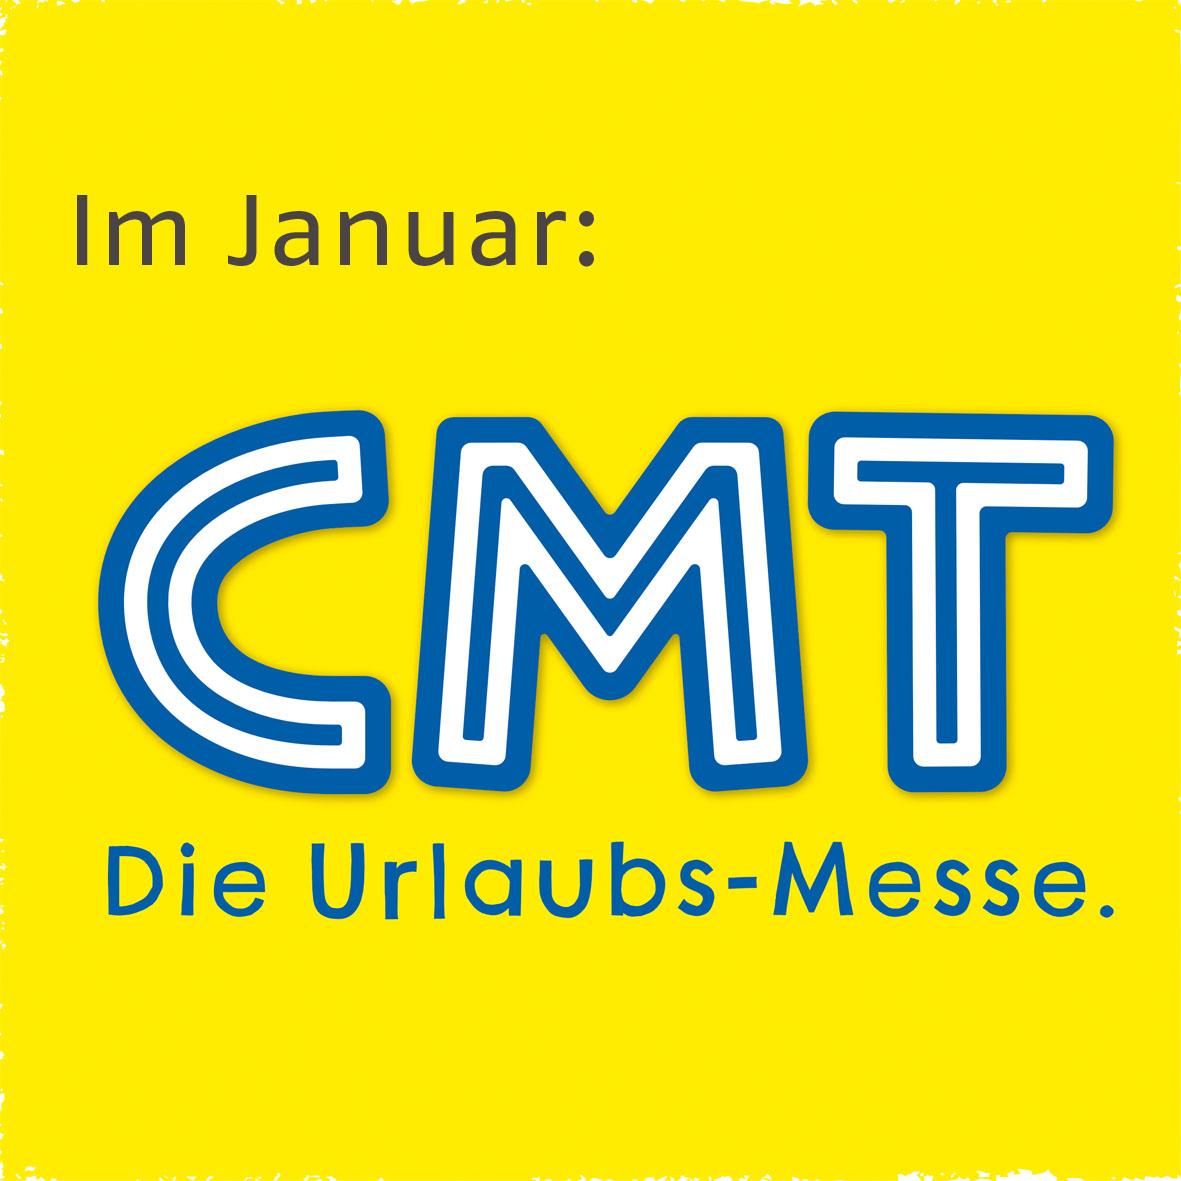 CMT | Messe Stuttgart